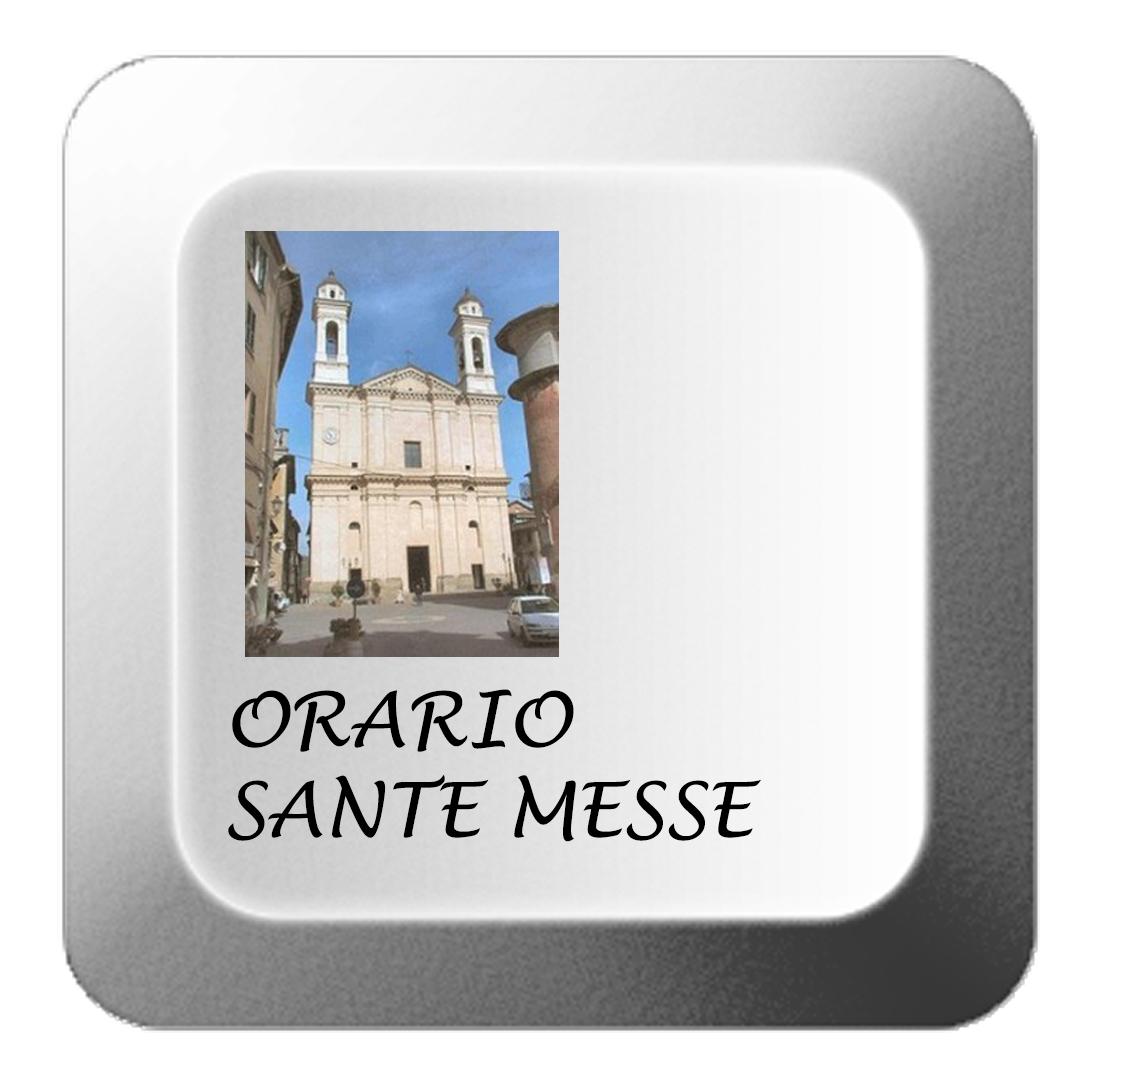 Orario S. Messe